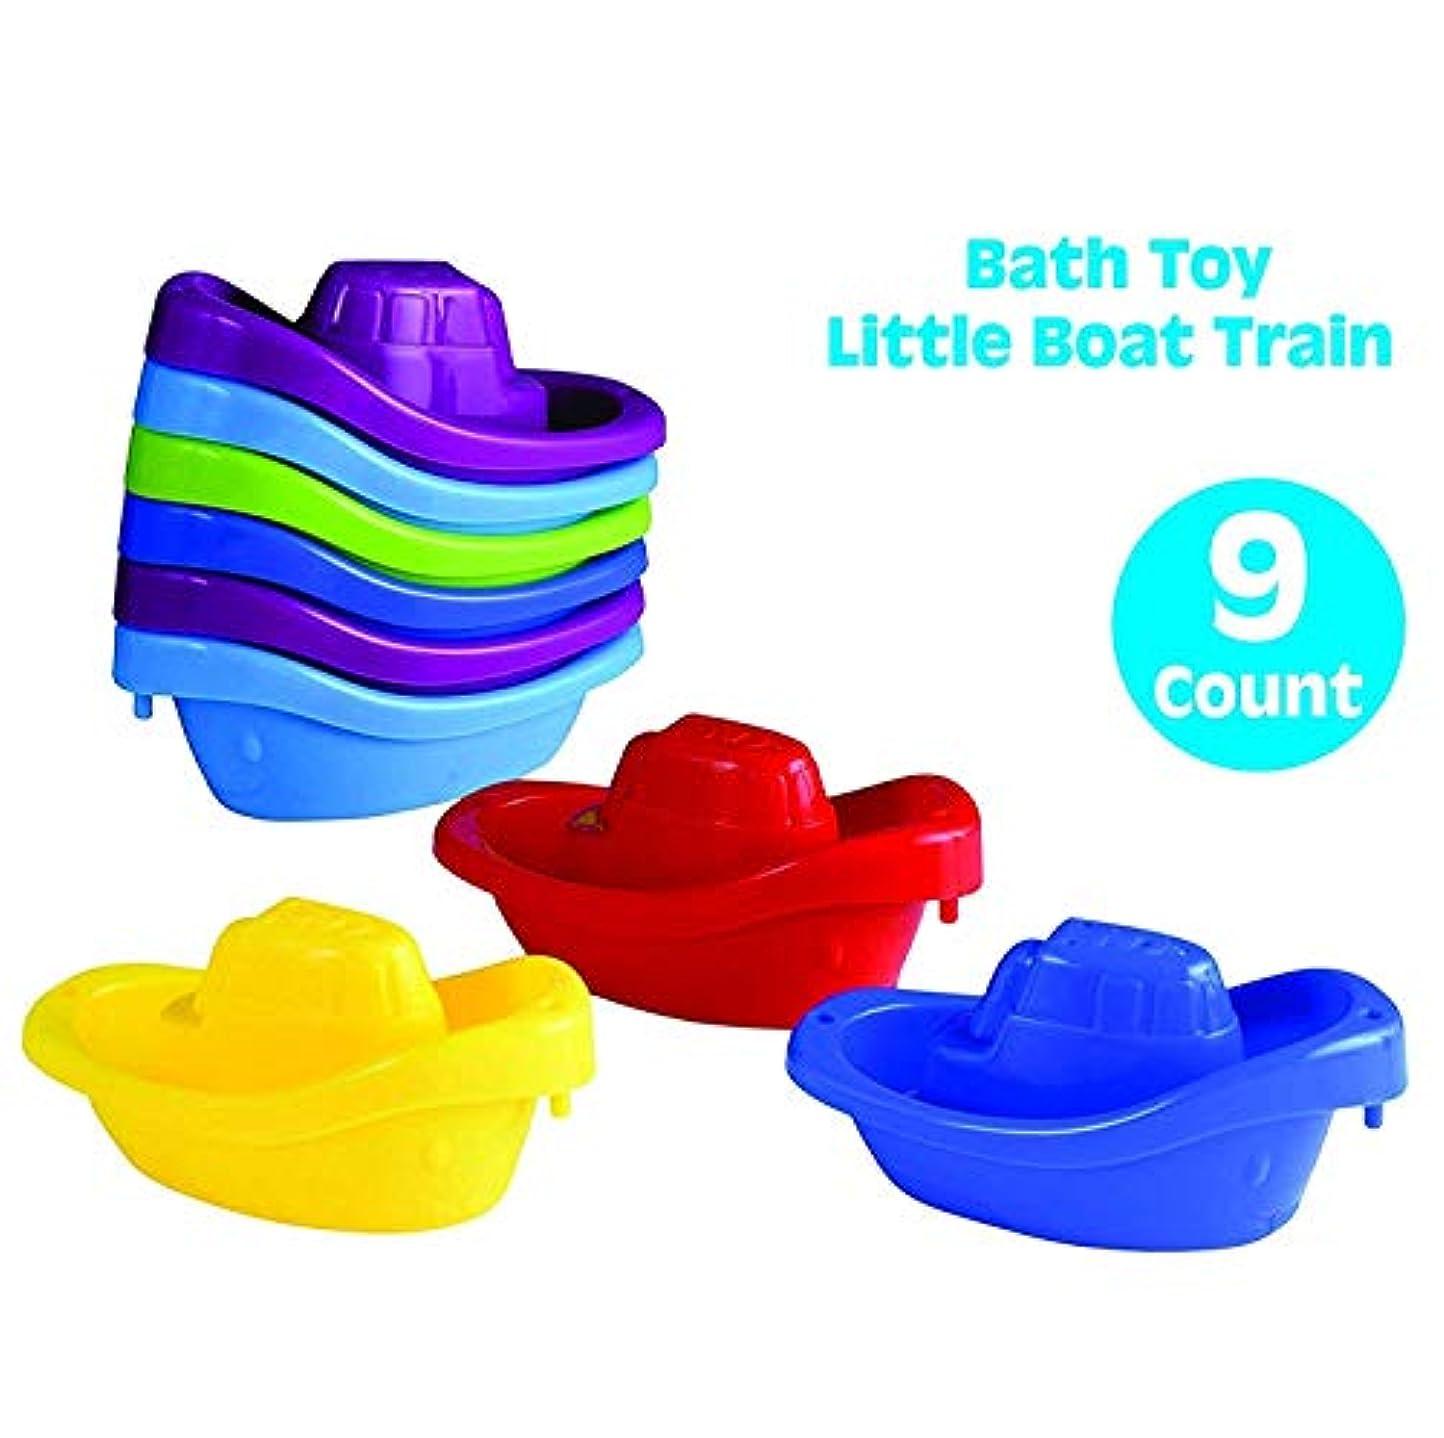 ヒステリックいいね解決playkidz Bathおもちゃ小さなボート列車9パックスタッカブルプラスチックKids Tugboats for Bathtub & More in 6色Ages 3 and Up